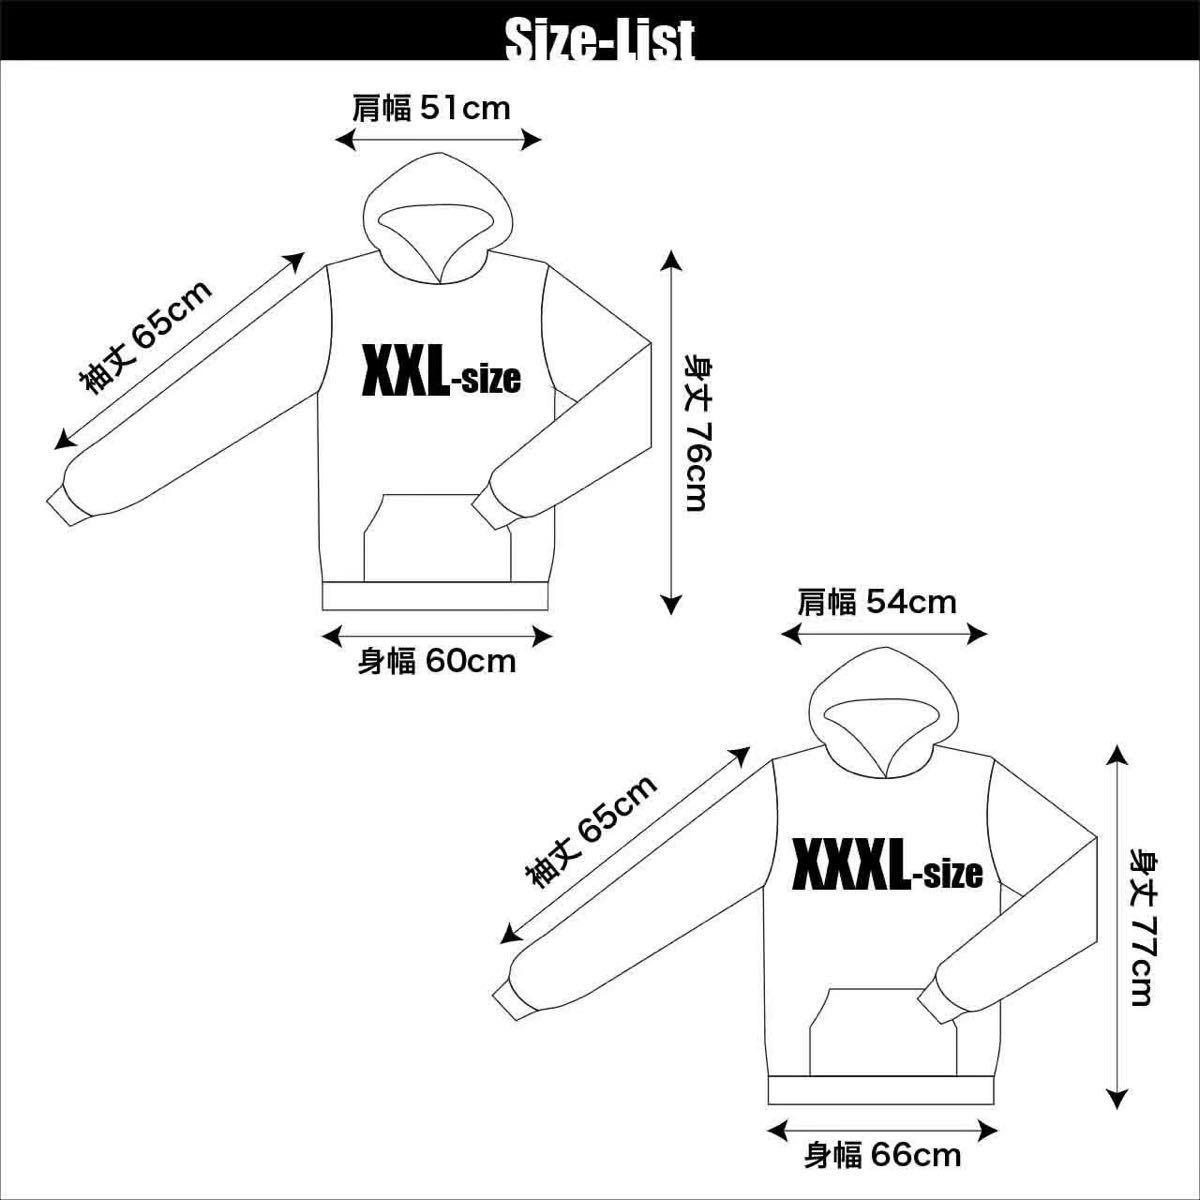 新品 トップガン マーヴェリック トムクルーズ US AIR FORCE 空軍 パーカー XS S M L XL ビッグ オーバーサイズ XXL 黒 Tシャツ ロンT 対応_画像5